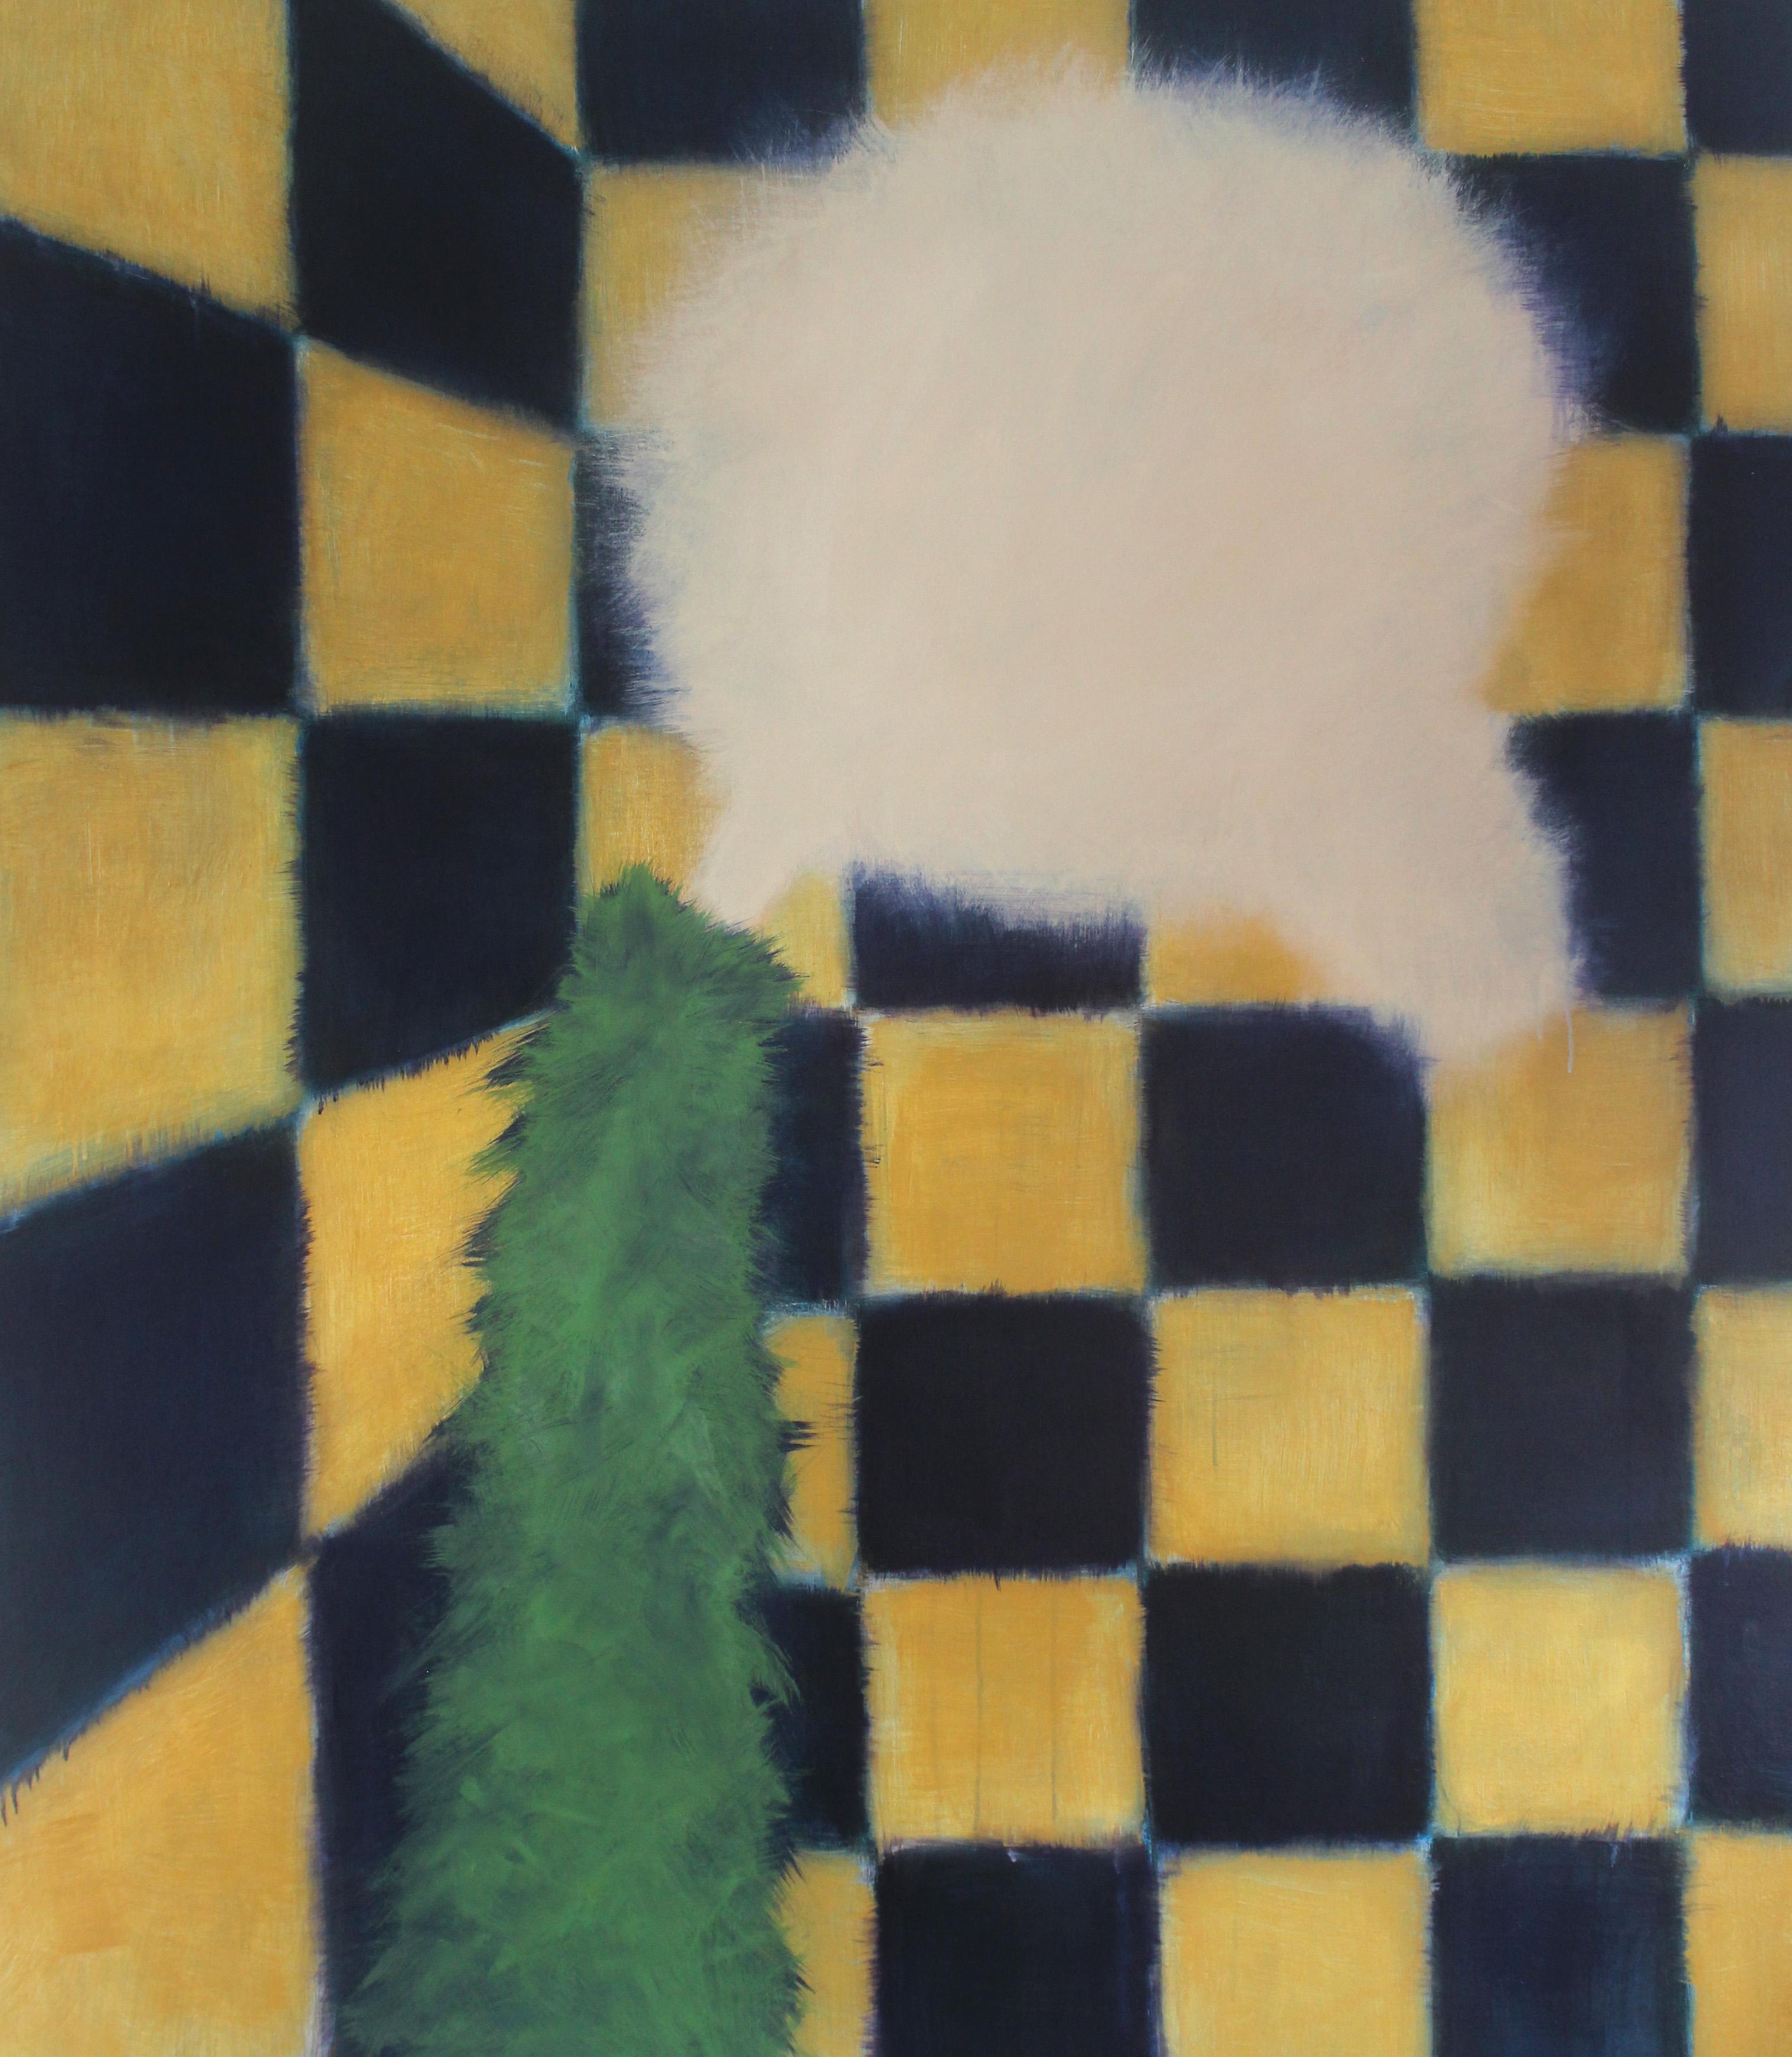 Acrylic on canvas 130x150 cm 2018